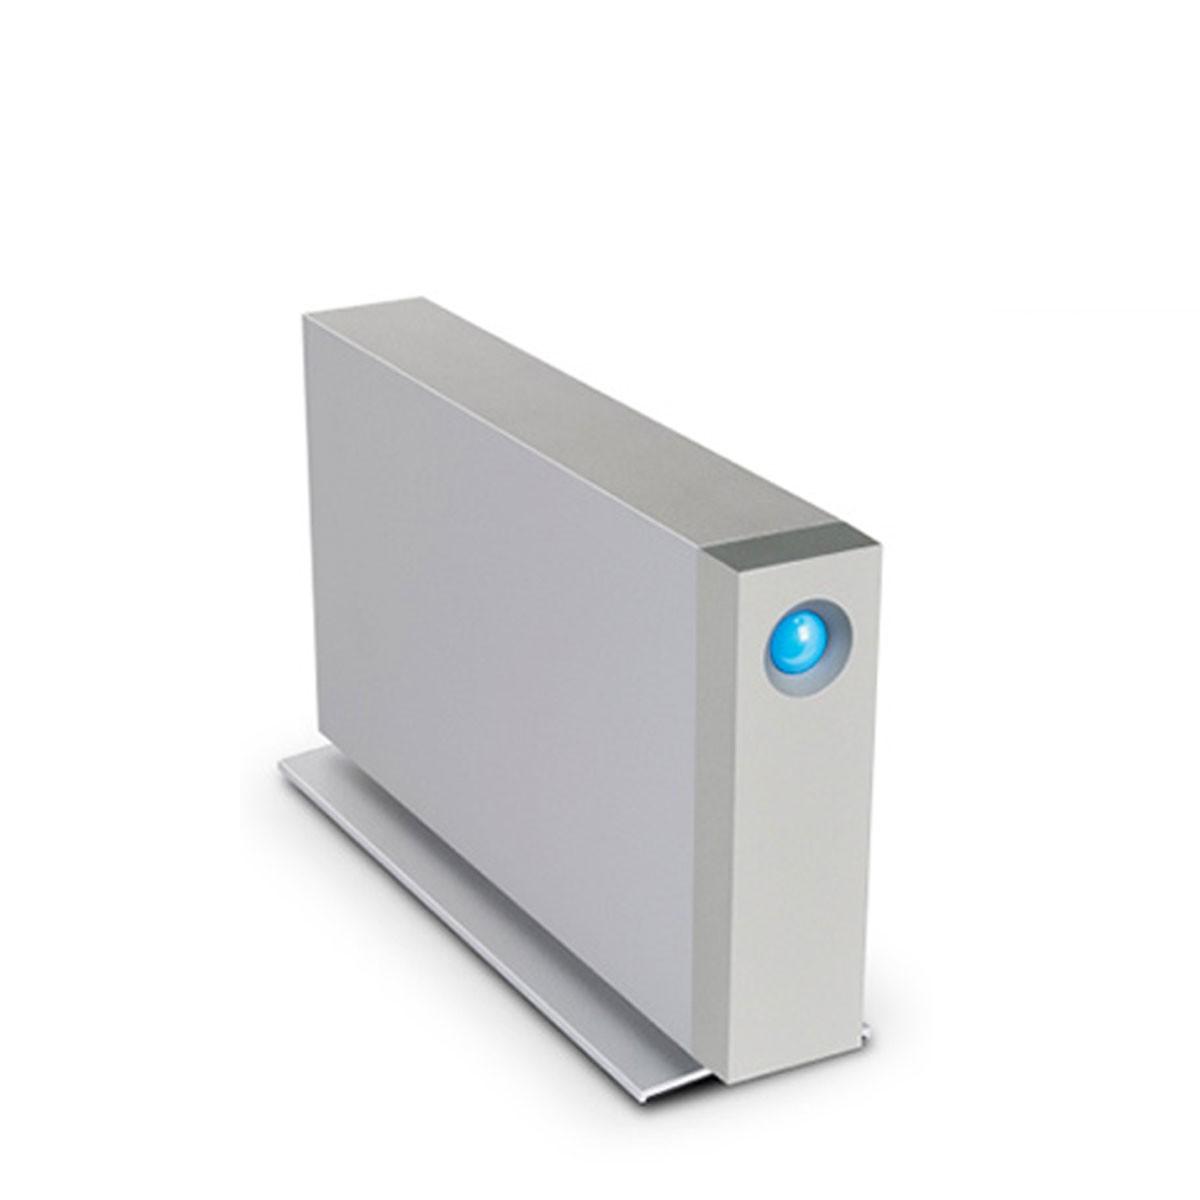 Сребрист външен хард диск LaCie d2 с Thunderbolt 2 и USB 3.0 - 7200 RPM, 3TB